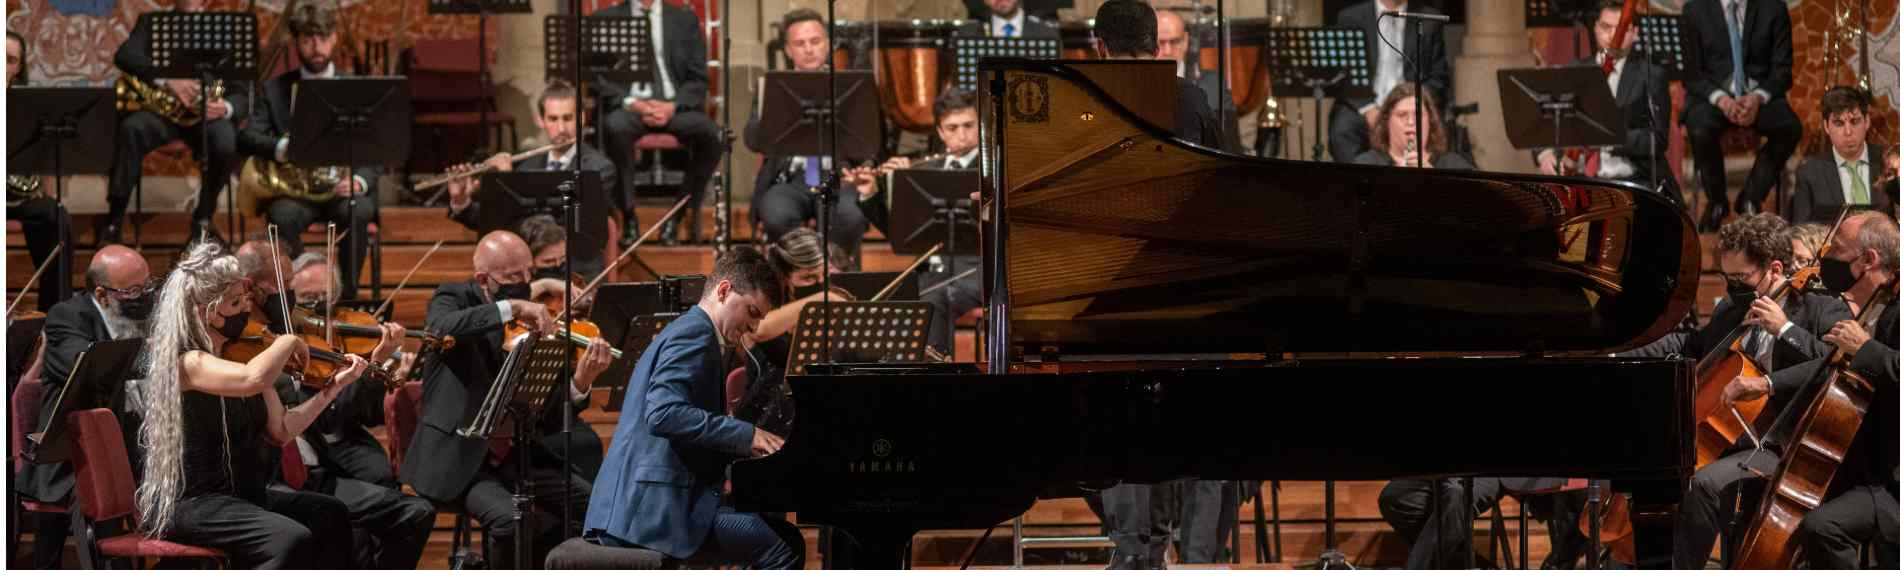 Concurs Internacional de música Maria Canals